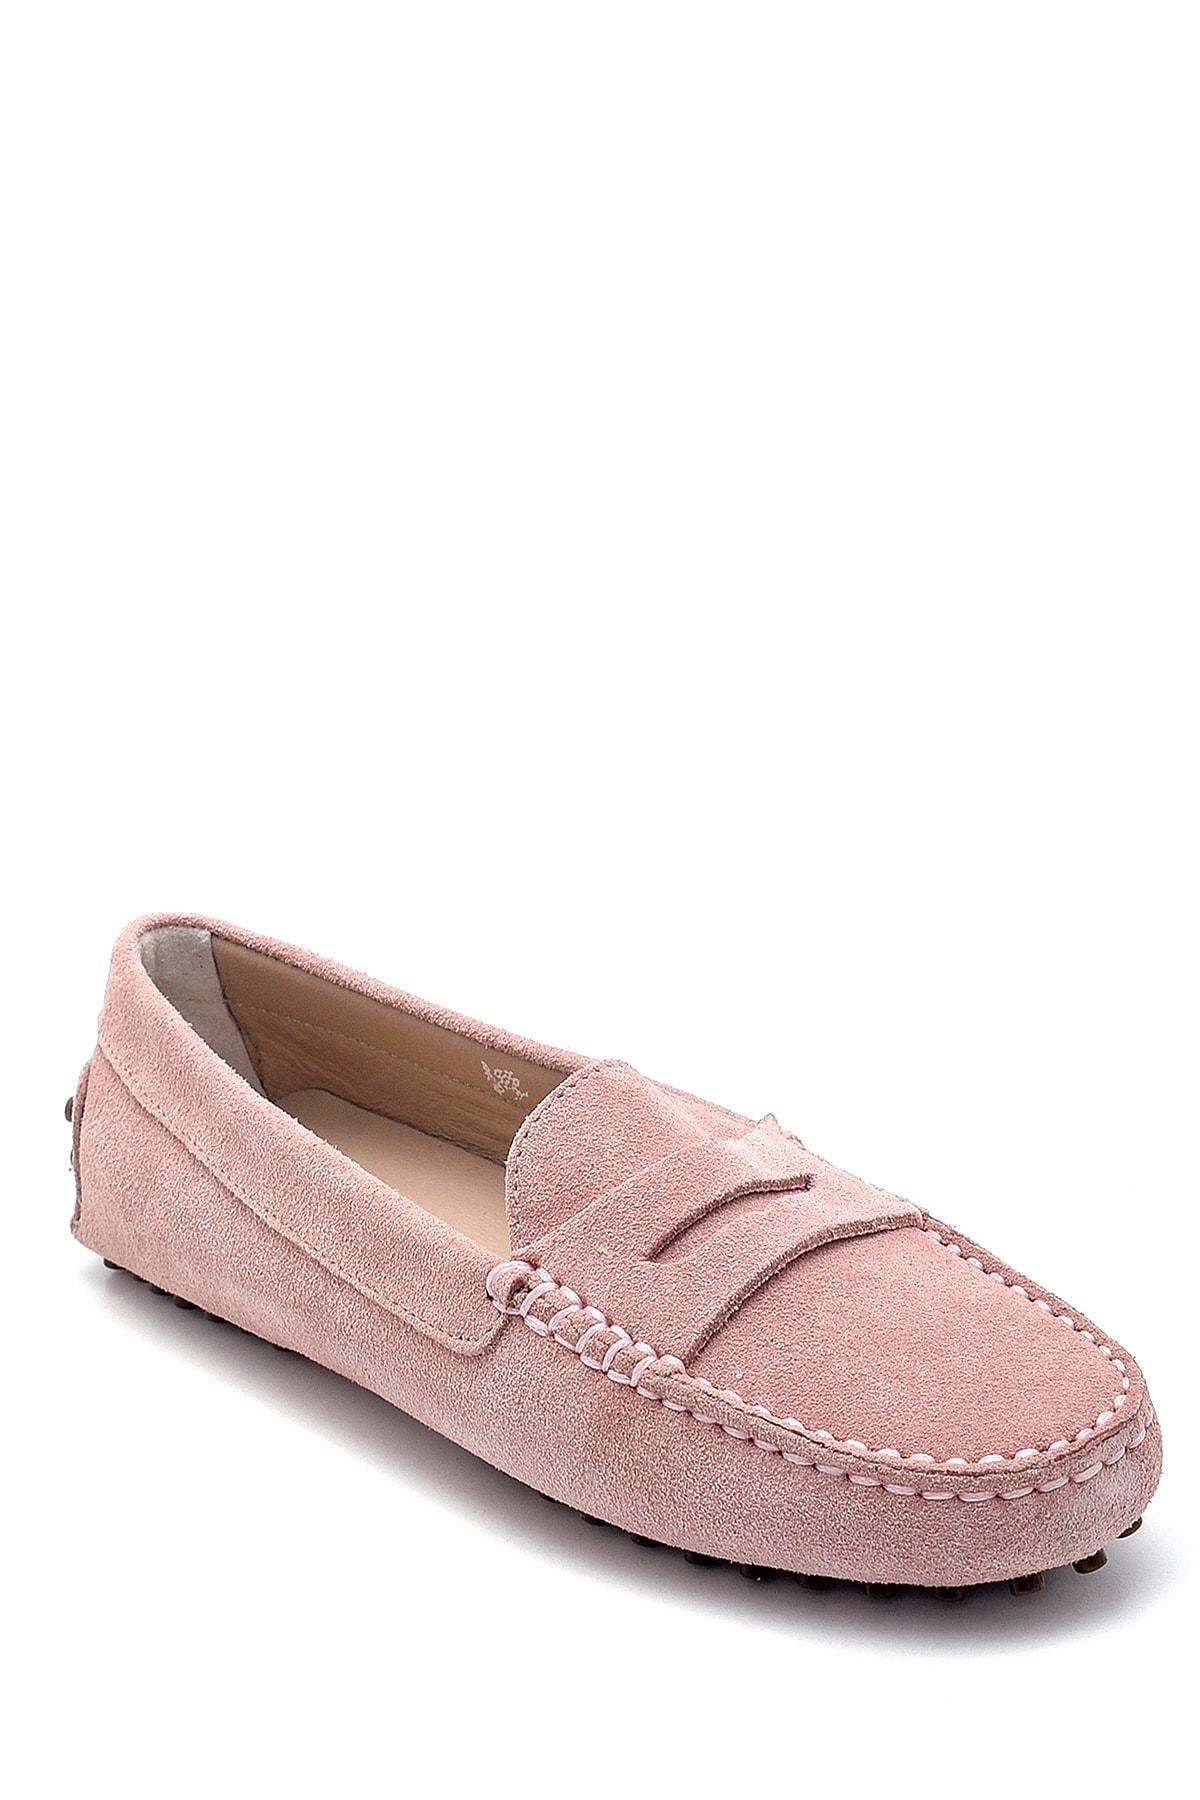 Derimod Kadın Mor Süet Loafer Ayakkabı 2